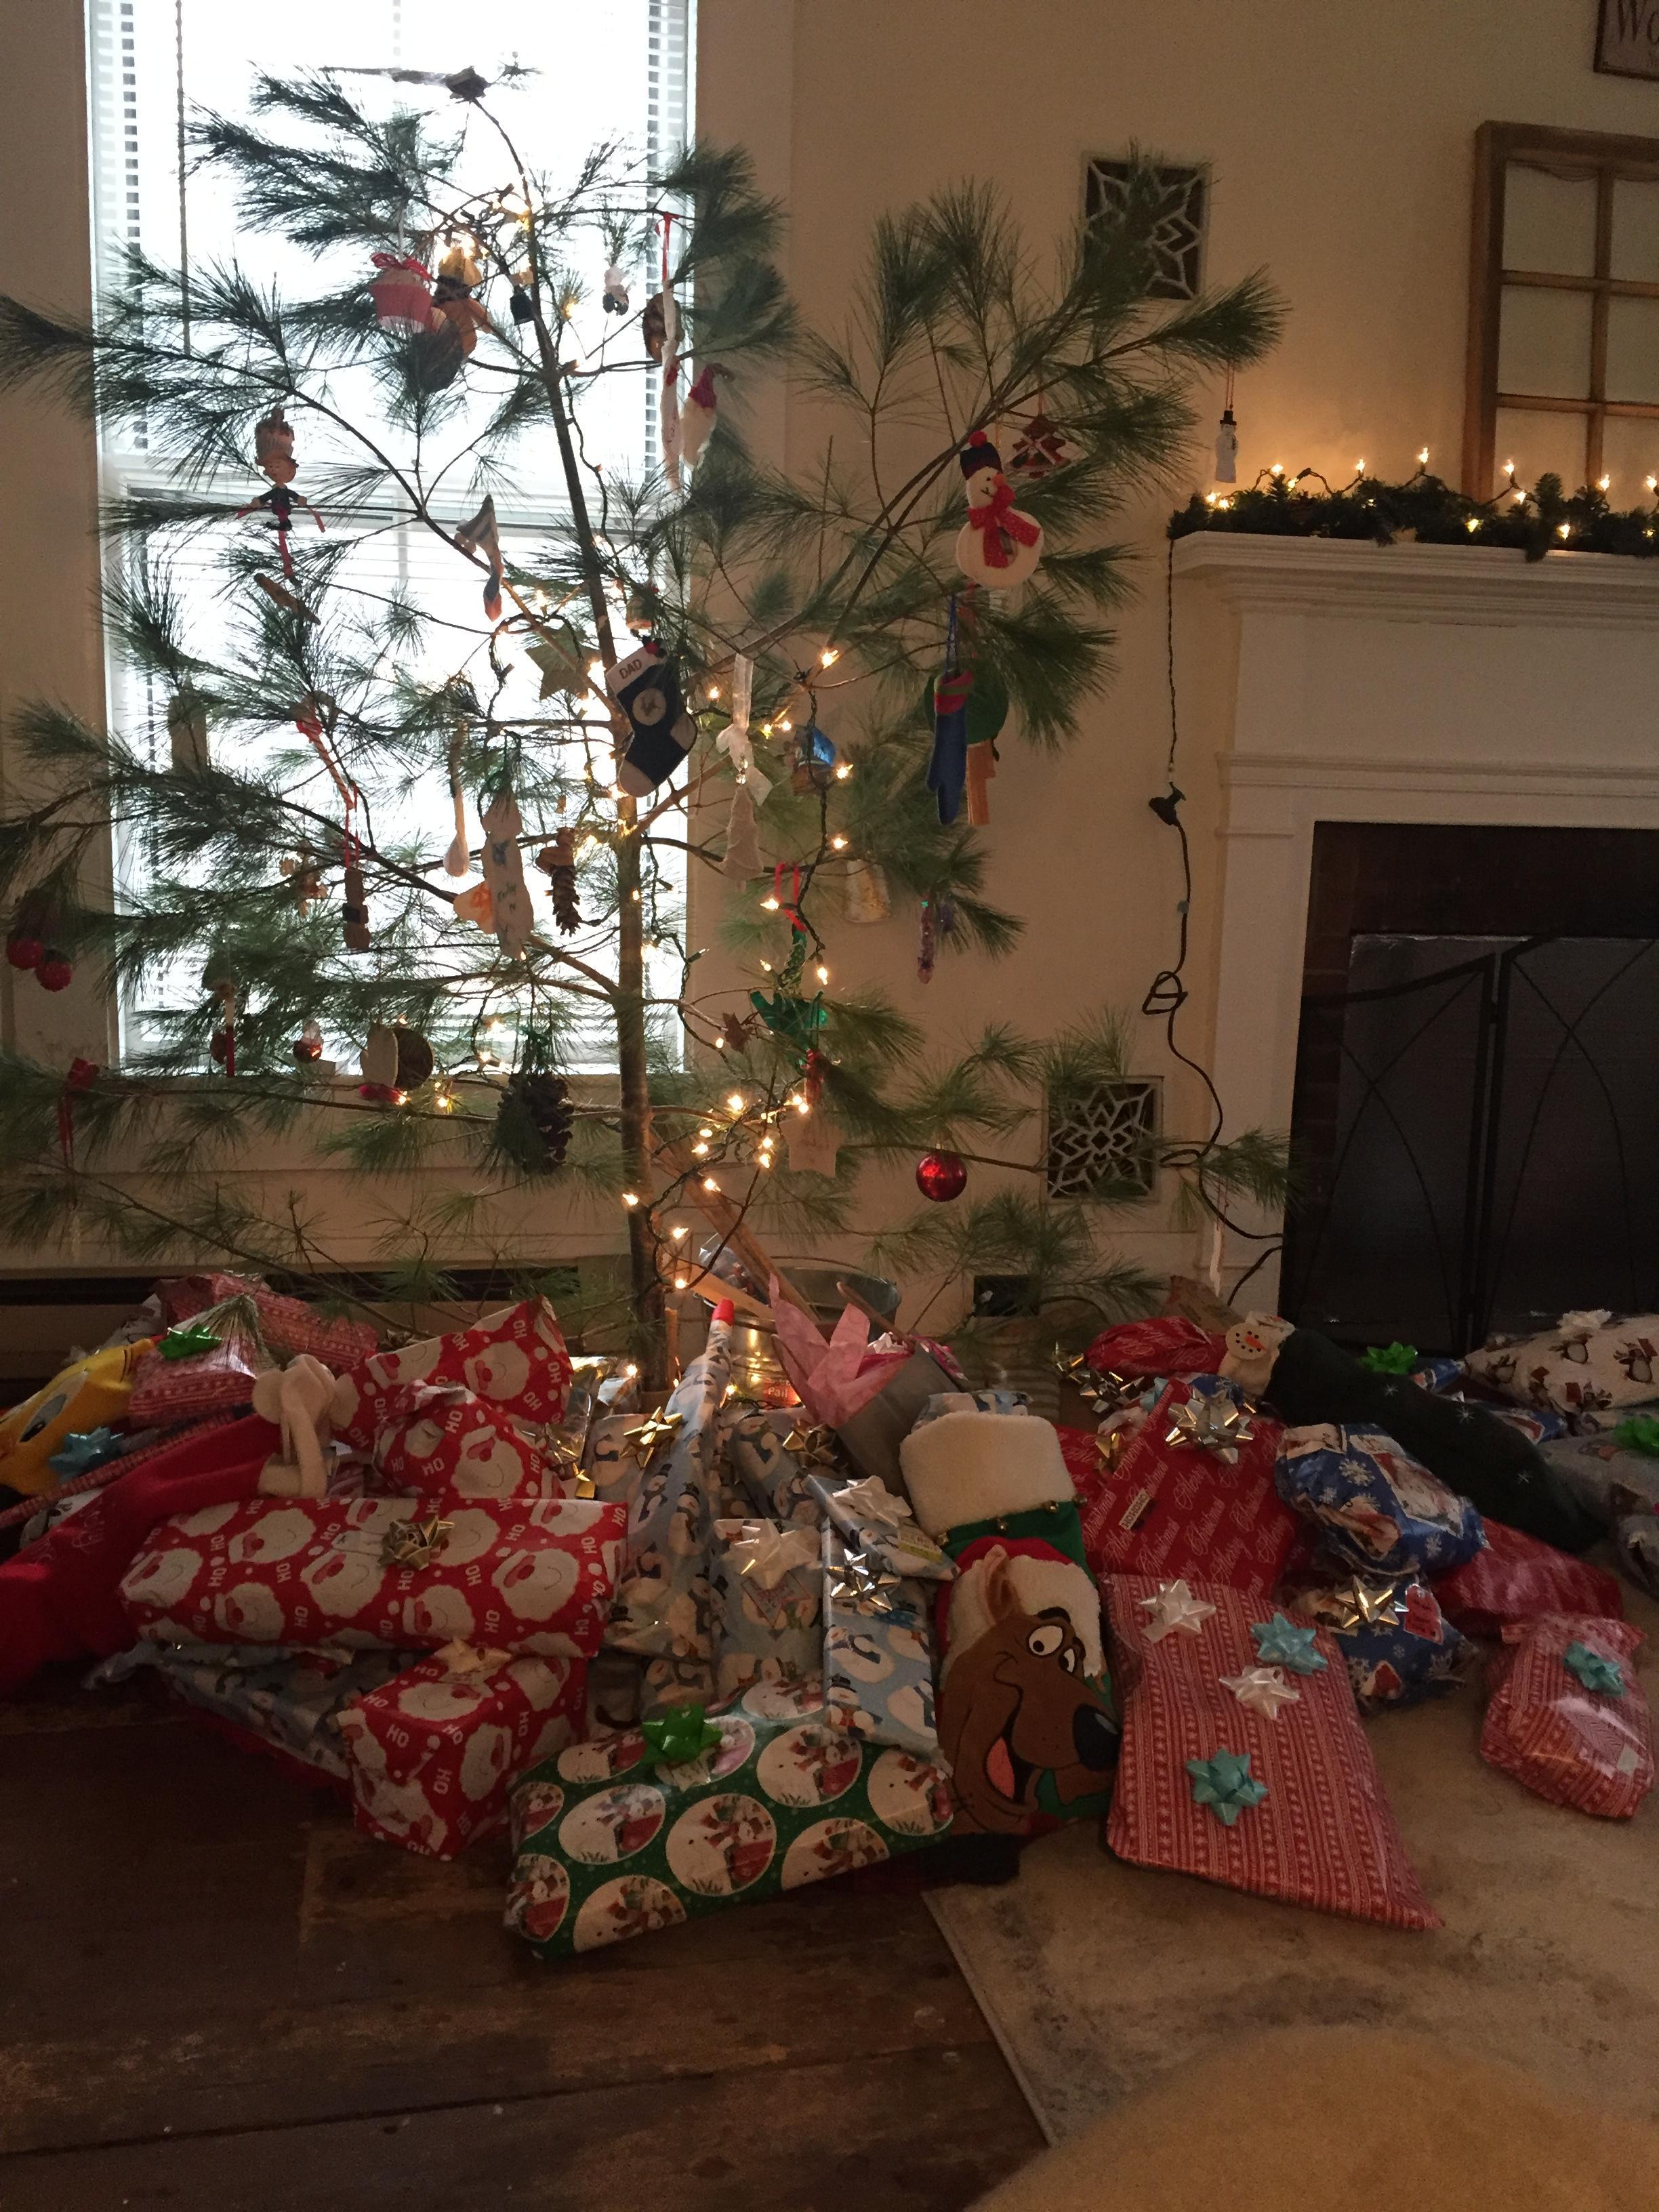 21 decoraciones navideas ideales para todos los Grinch